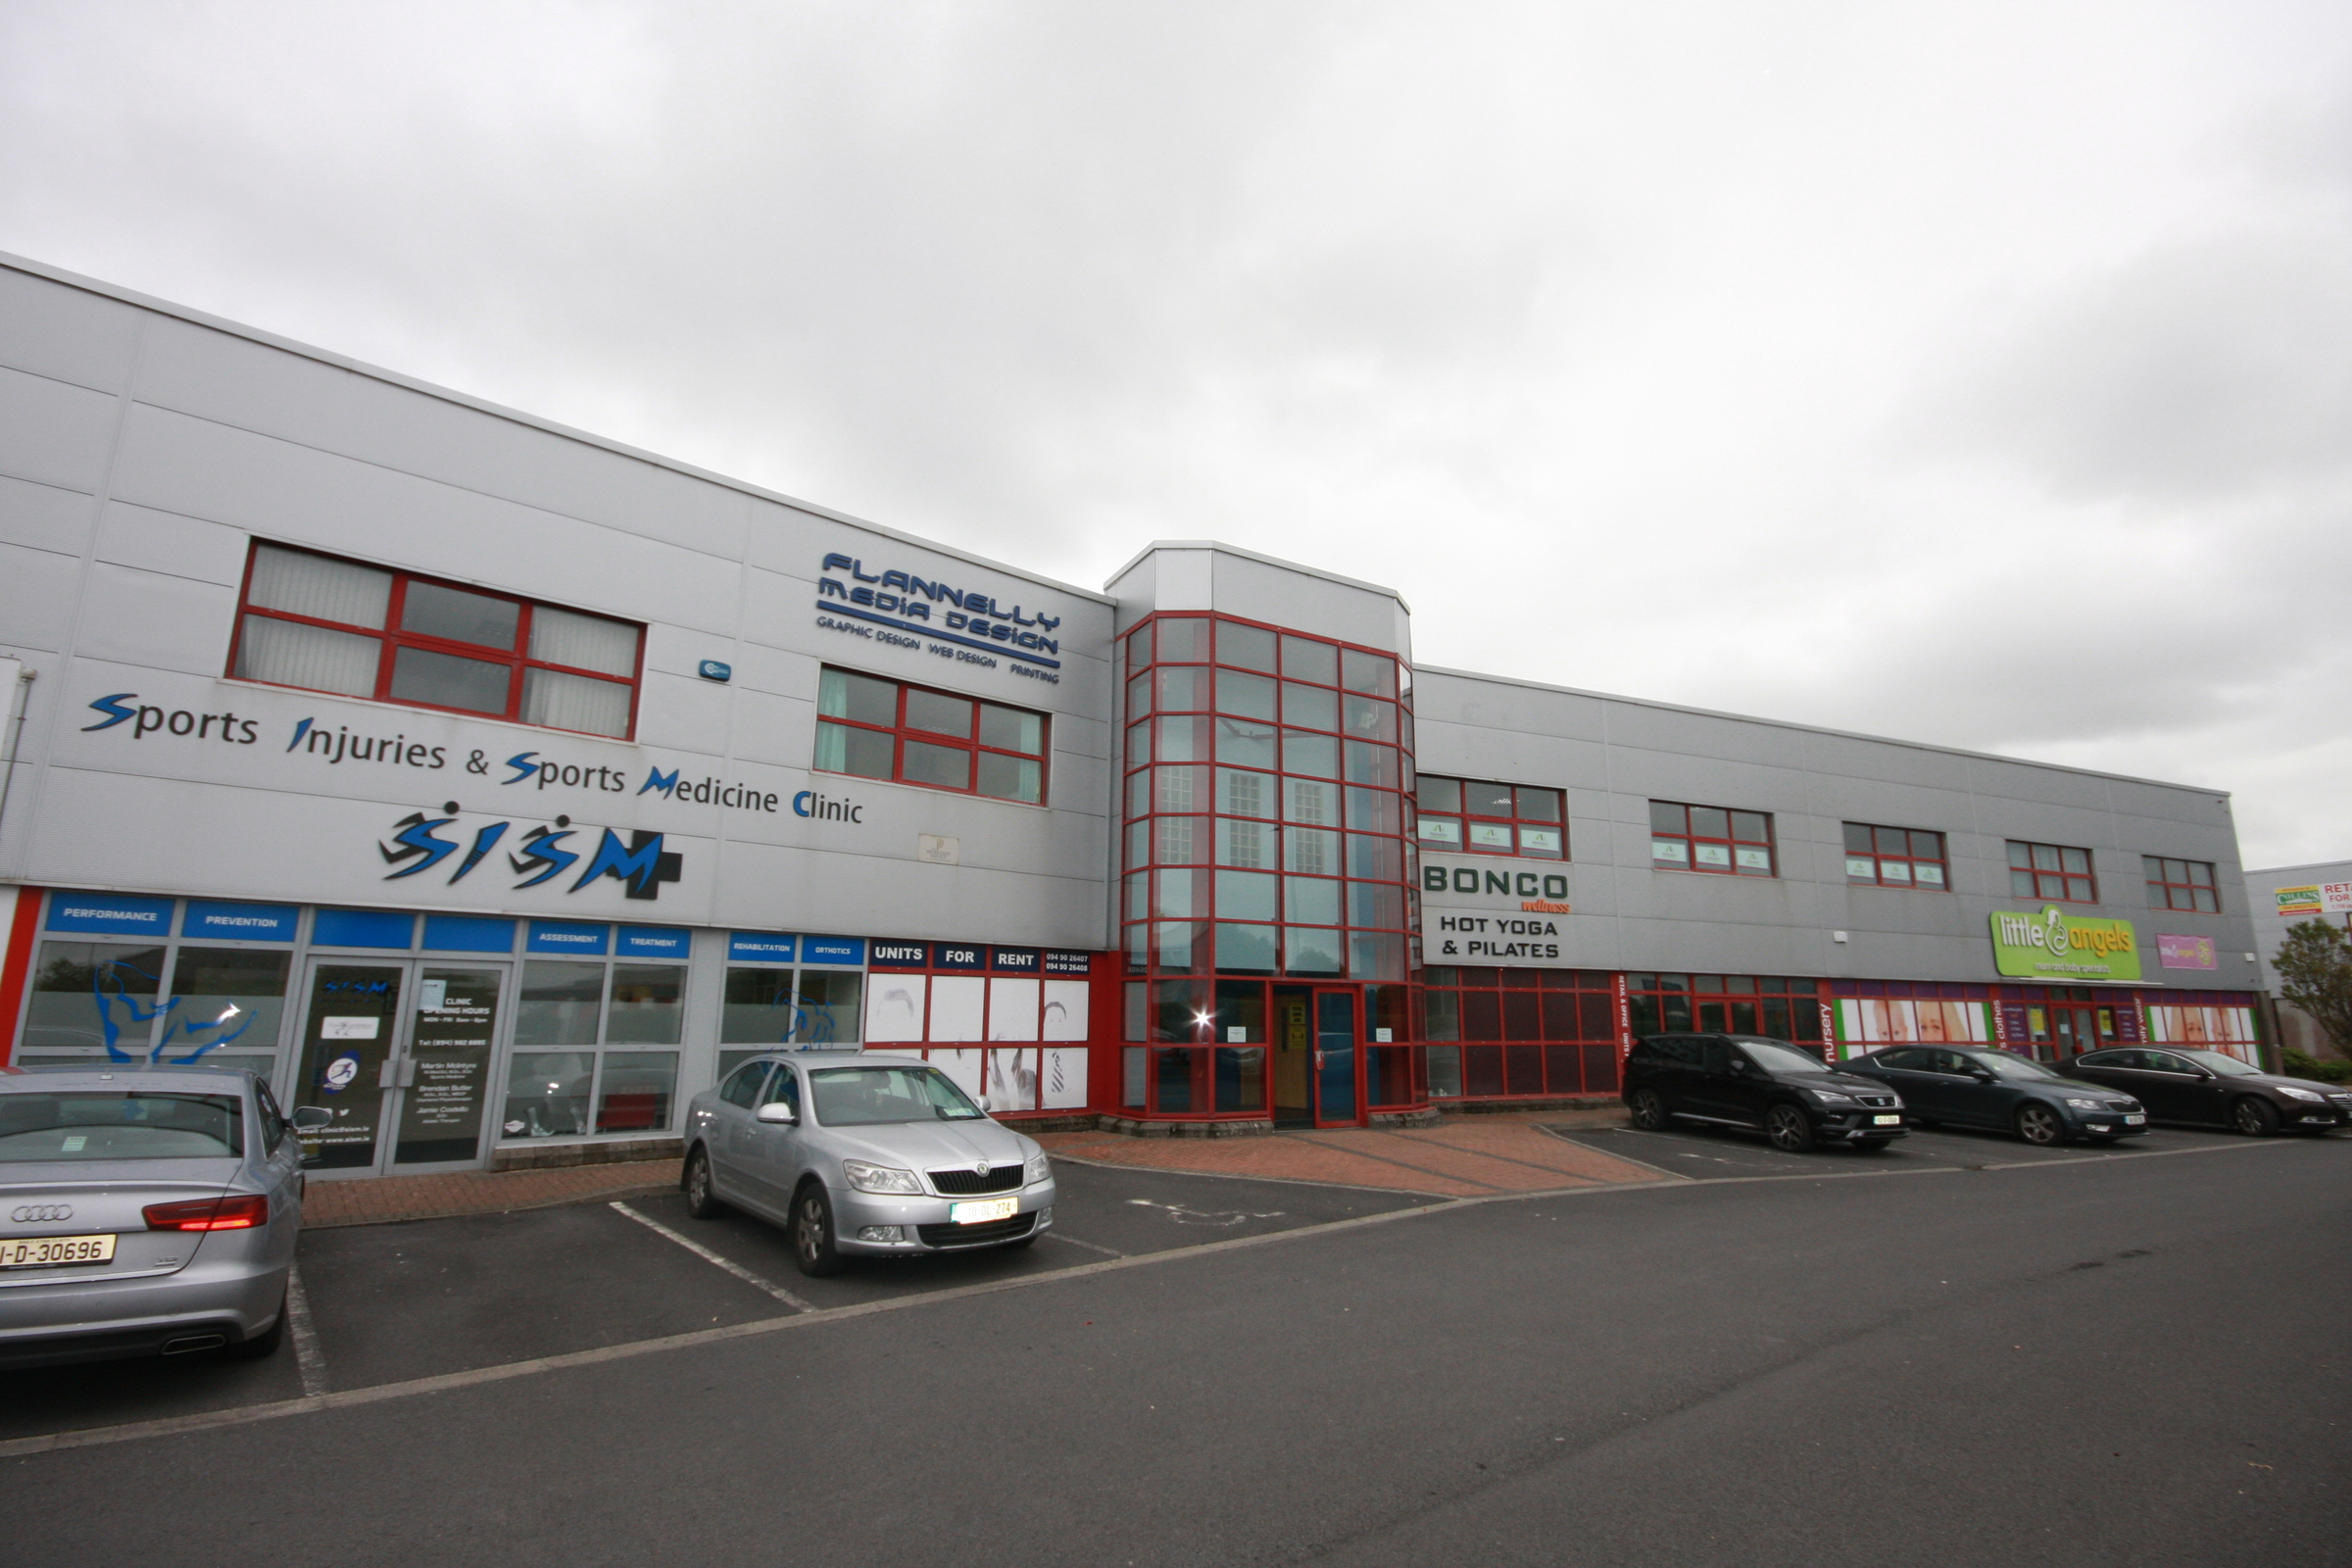 Unit 10 E /D, N5 Business Park, Castlebar, Co. Mayo